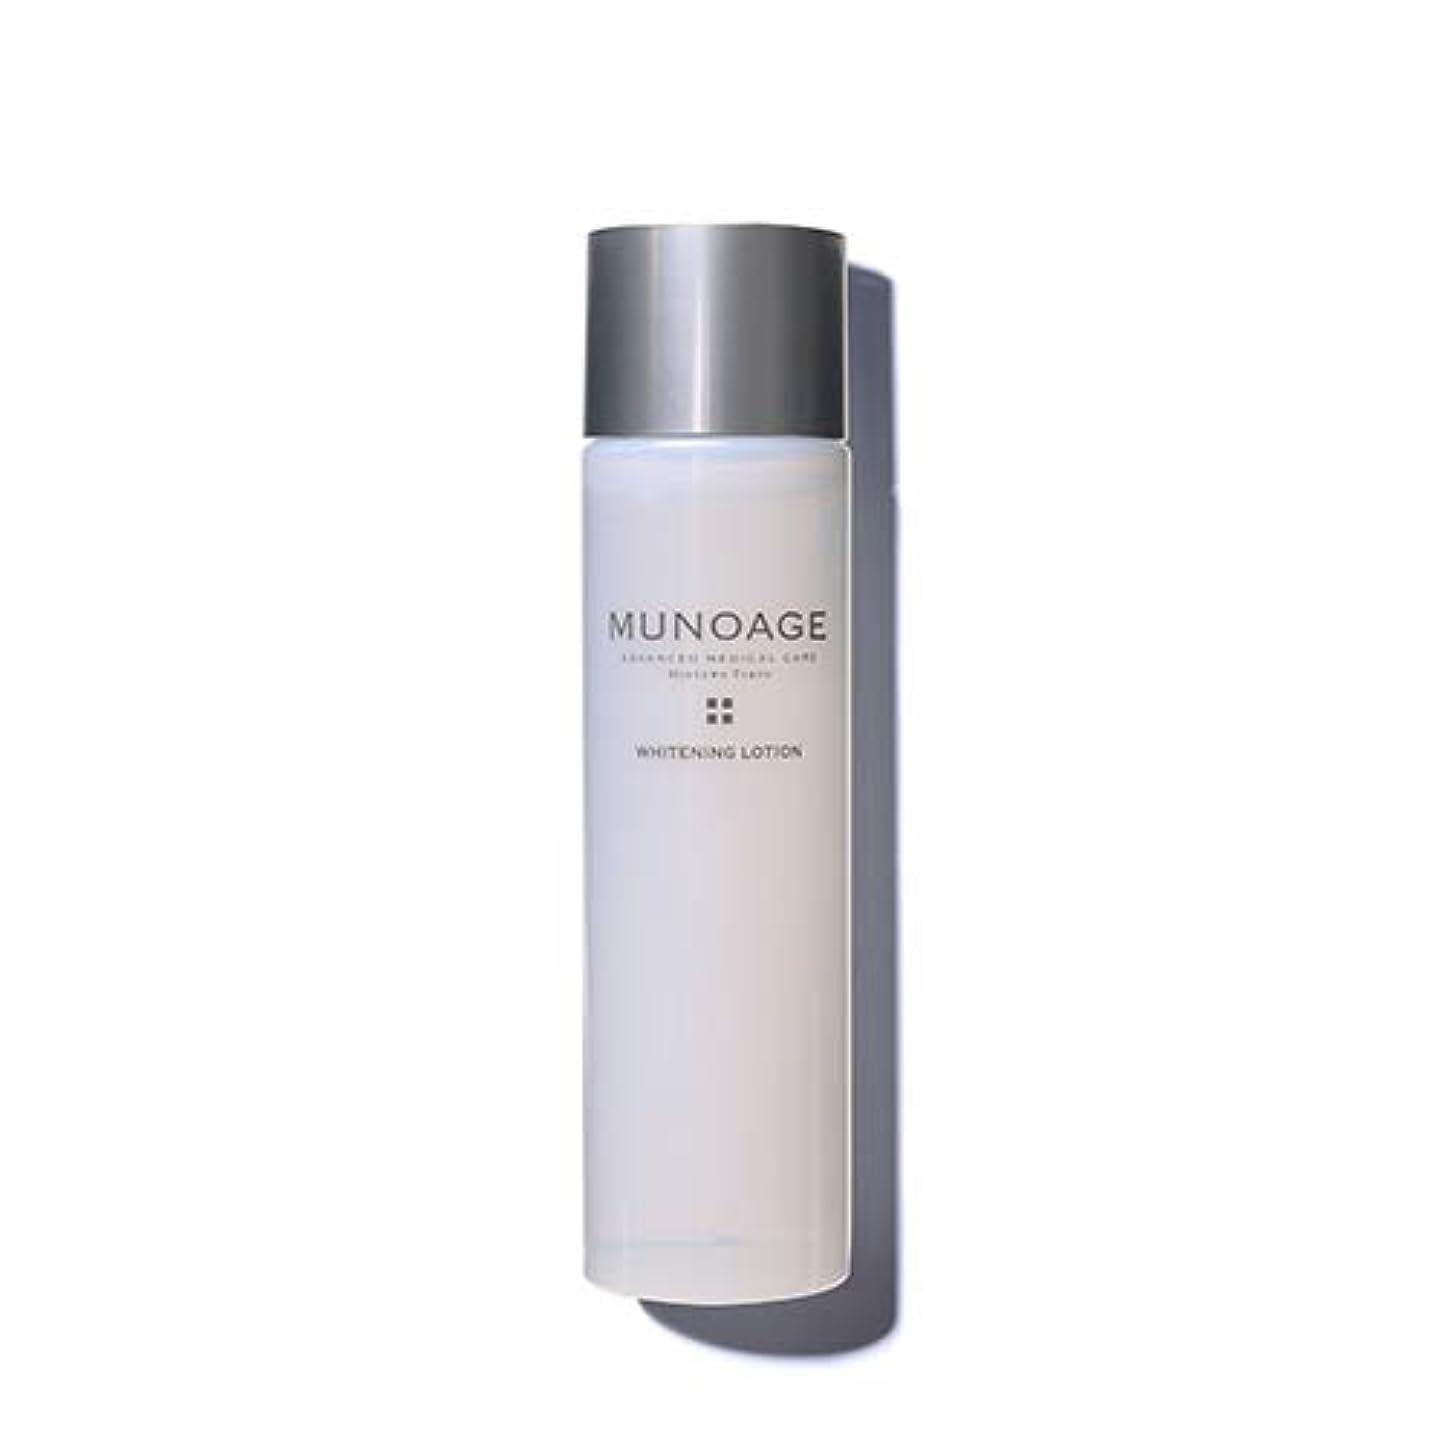 軍団ギャンブル砂のMUNOAGE ホワイトニングローション 150ml【薬用美白化粧水】 さっぱりタイプ 透明感のある素肌へ ビタミンC 高保湿【お得な2個セット】